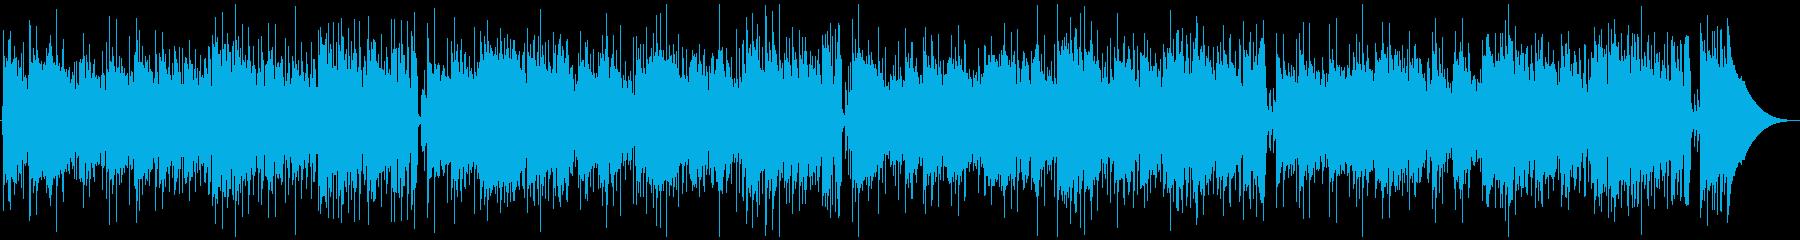 マンドリンのカントリーバラードの再生済みの波形